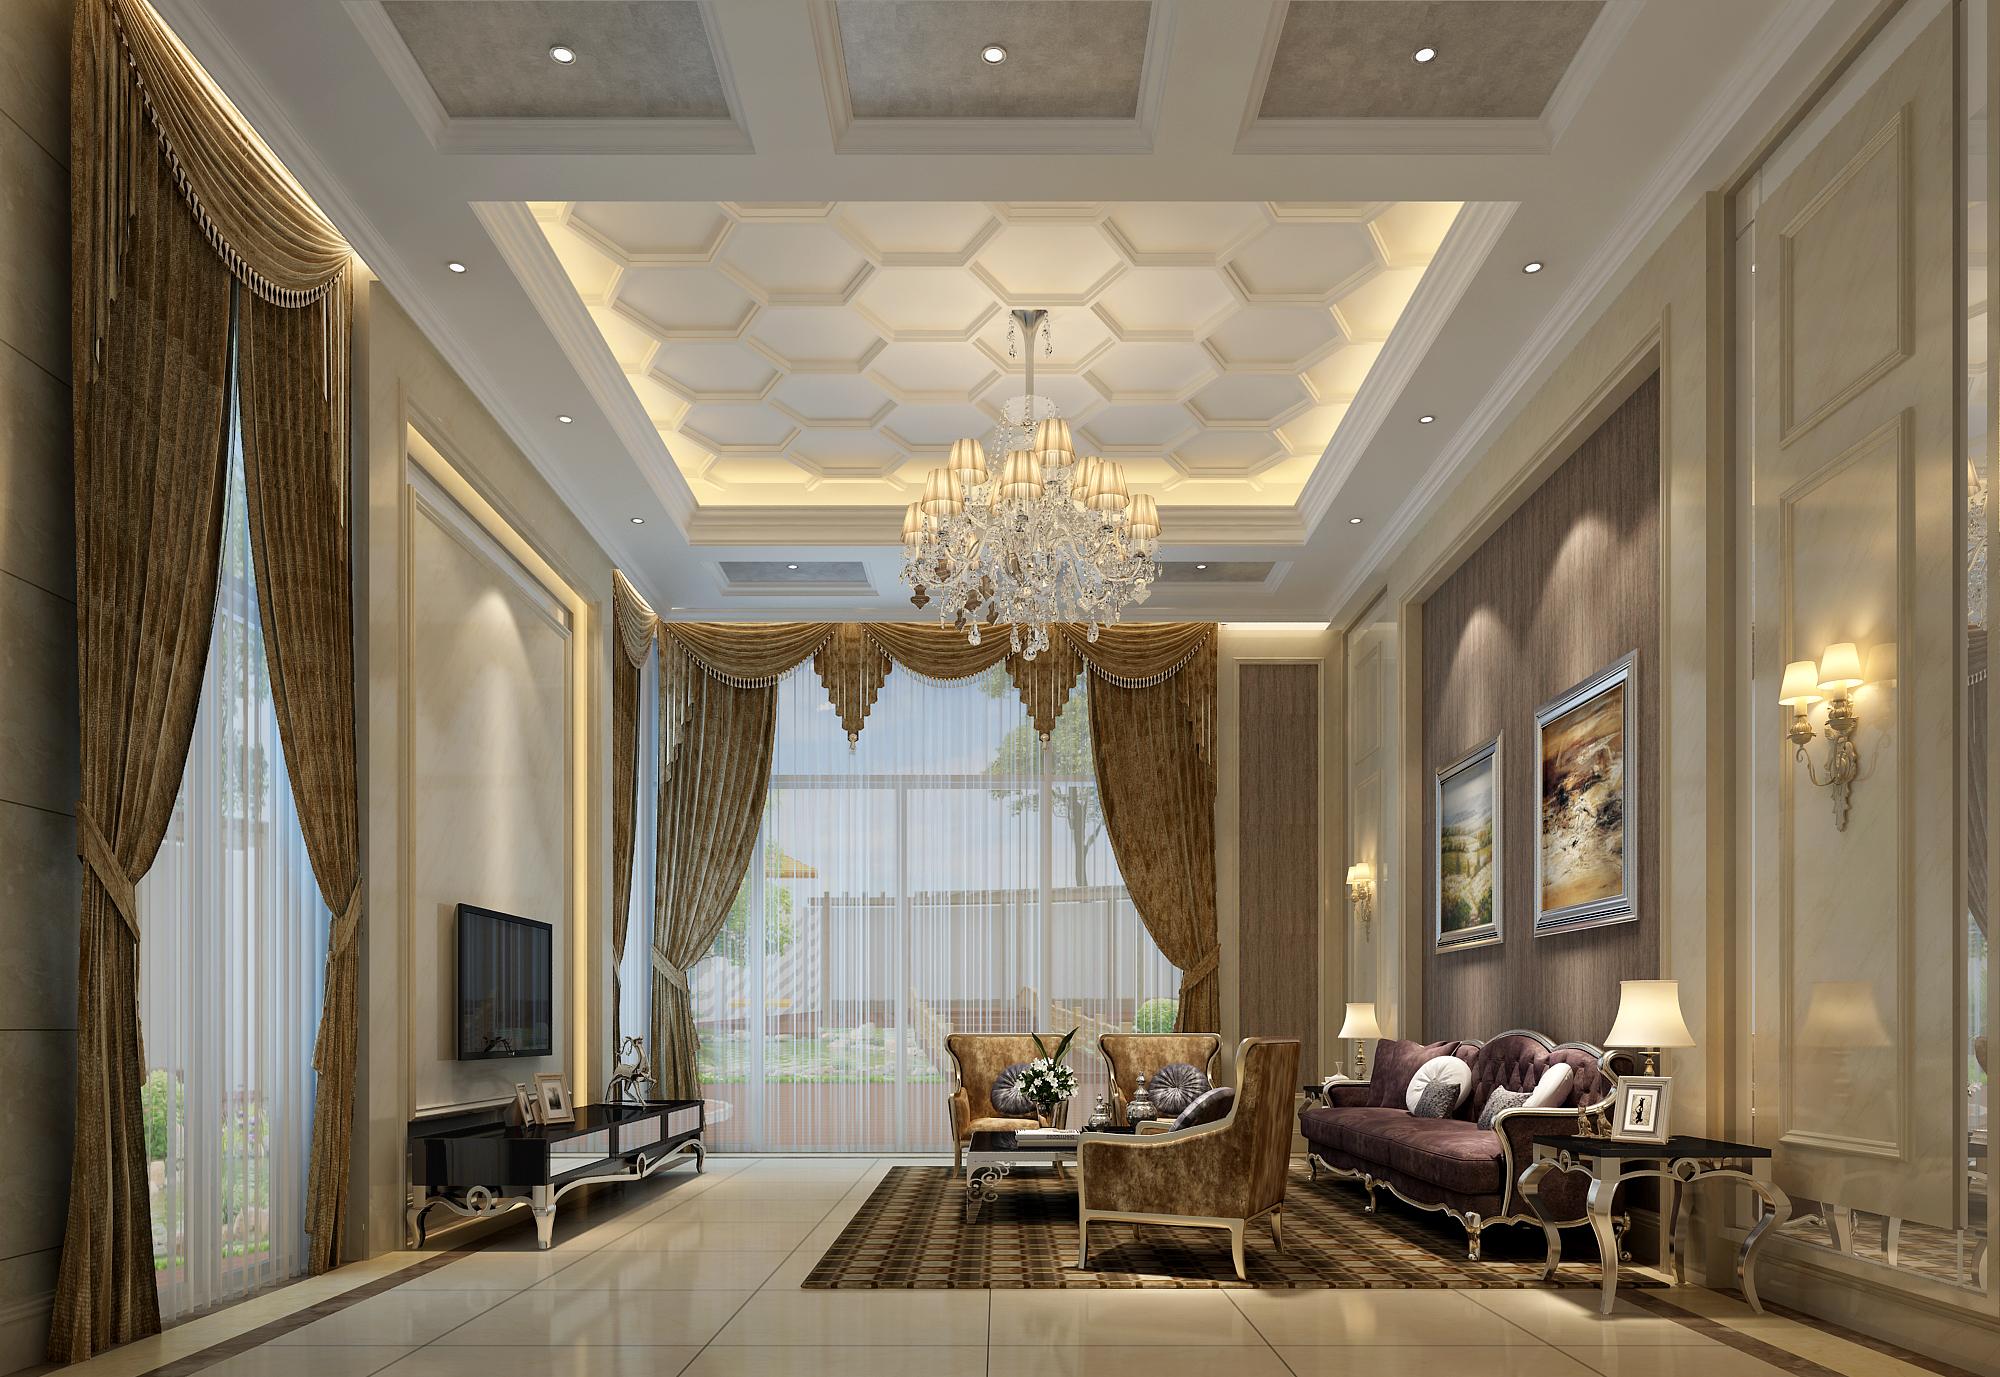 欧式风格主要包括巴洛克风格,洛可可风格和现代欧式风格.